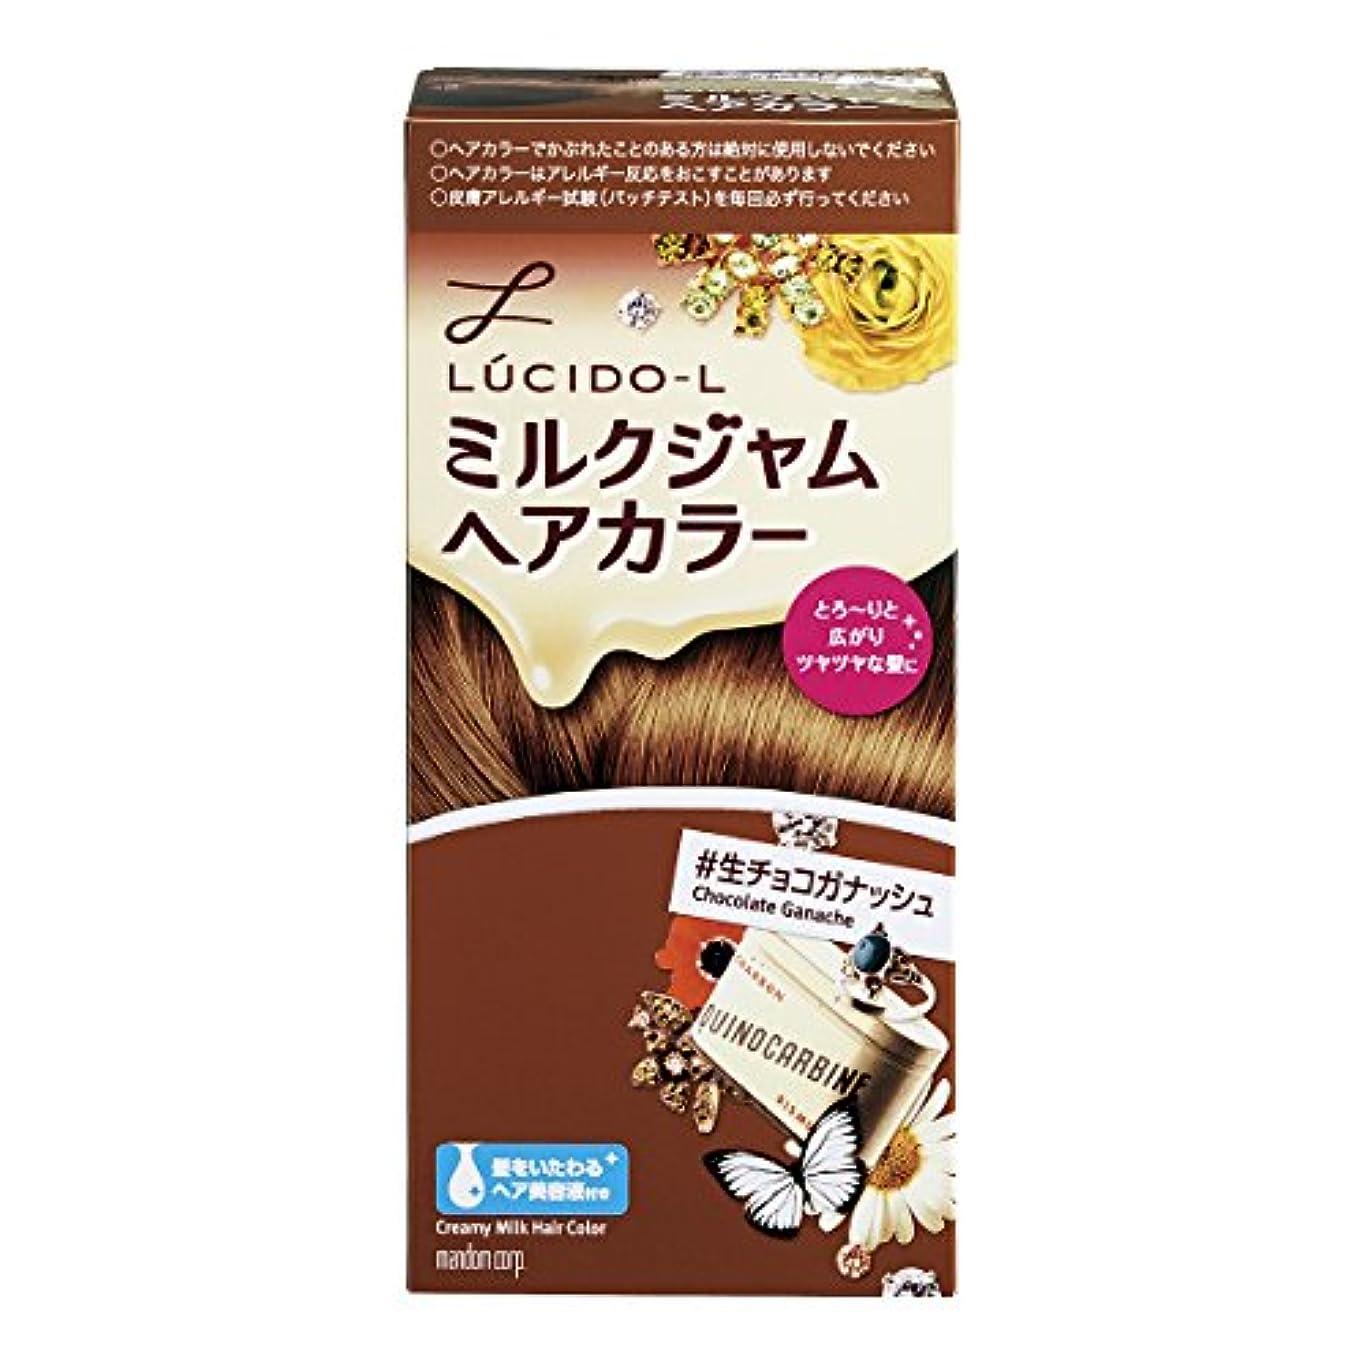 蛇行比率苦しめるルシードエル ミルクジャムヘアカラー #生チョコガナッシュ 40g (医薬部外品)